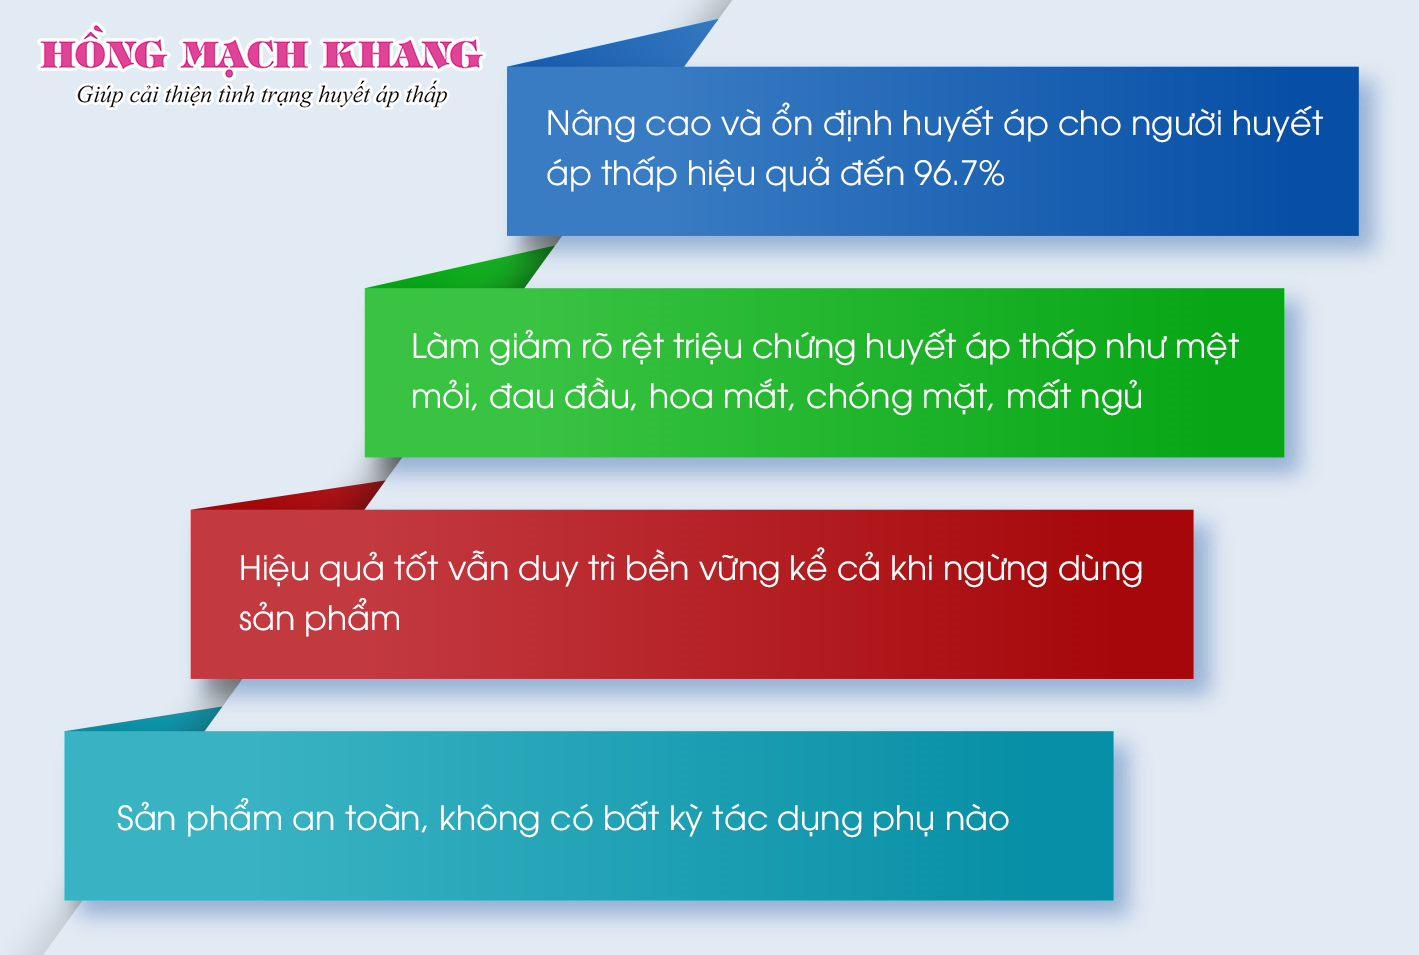 Kết quả nghiên cứu lâm sàng của Hồng Mạch Khang